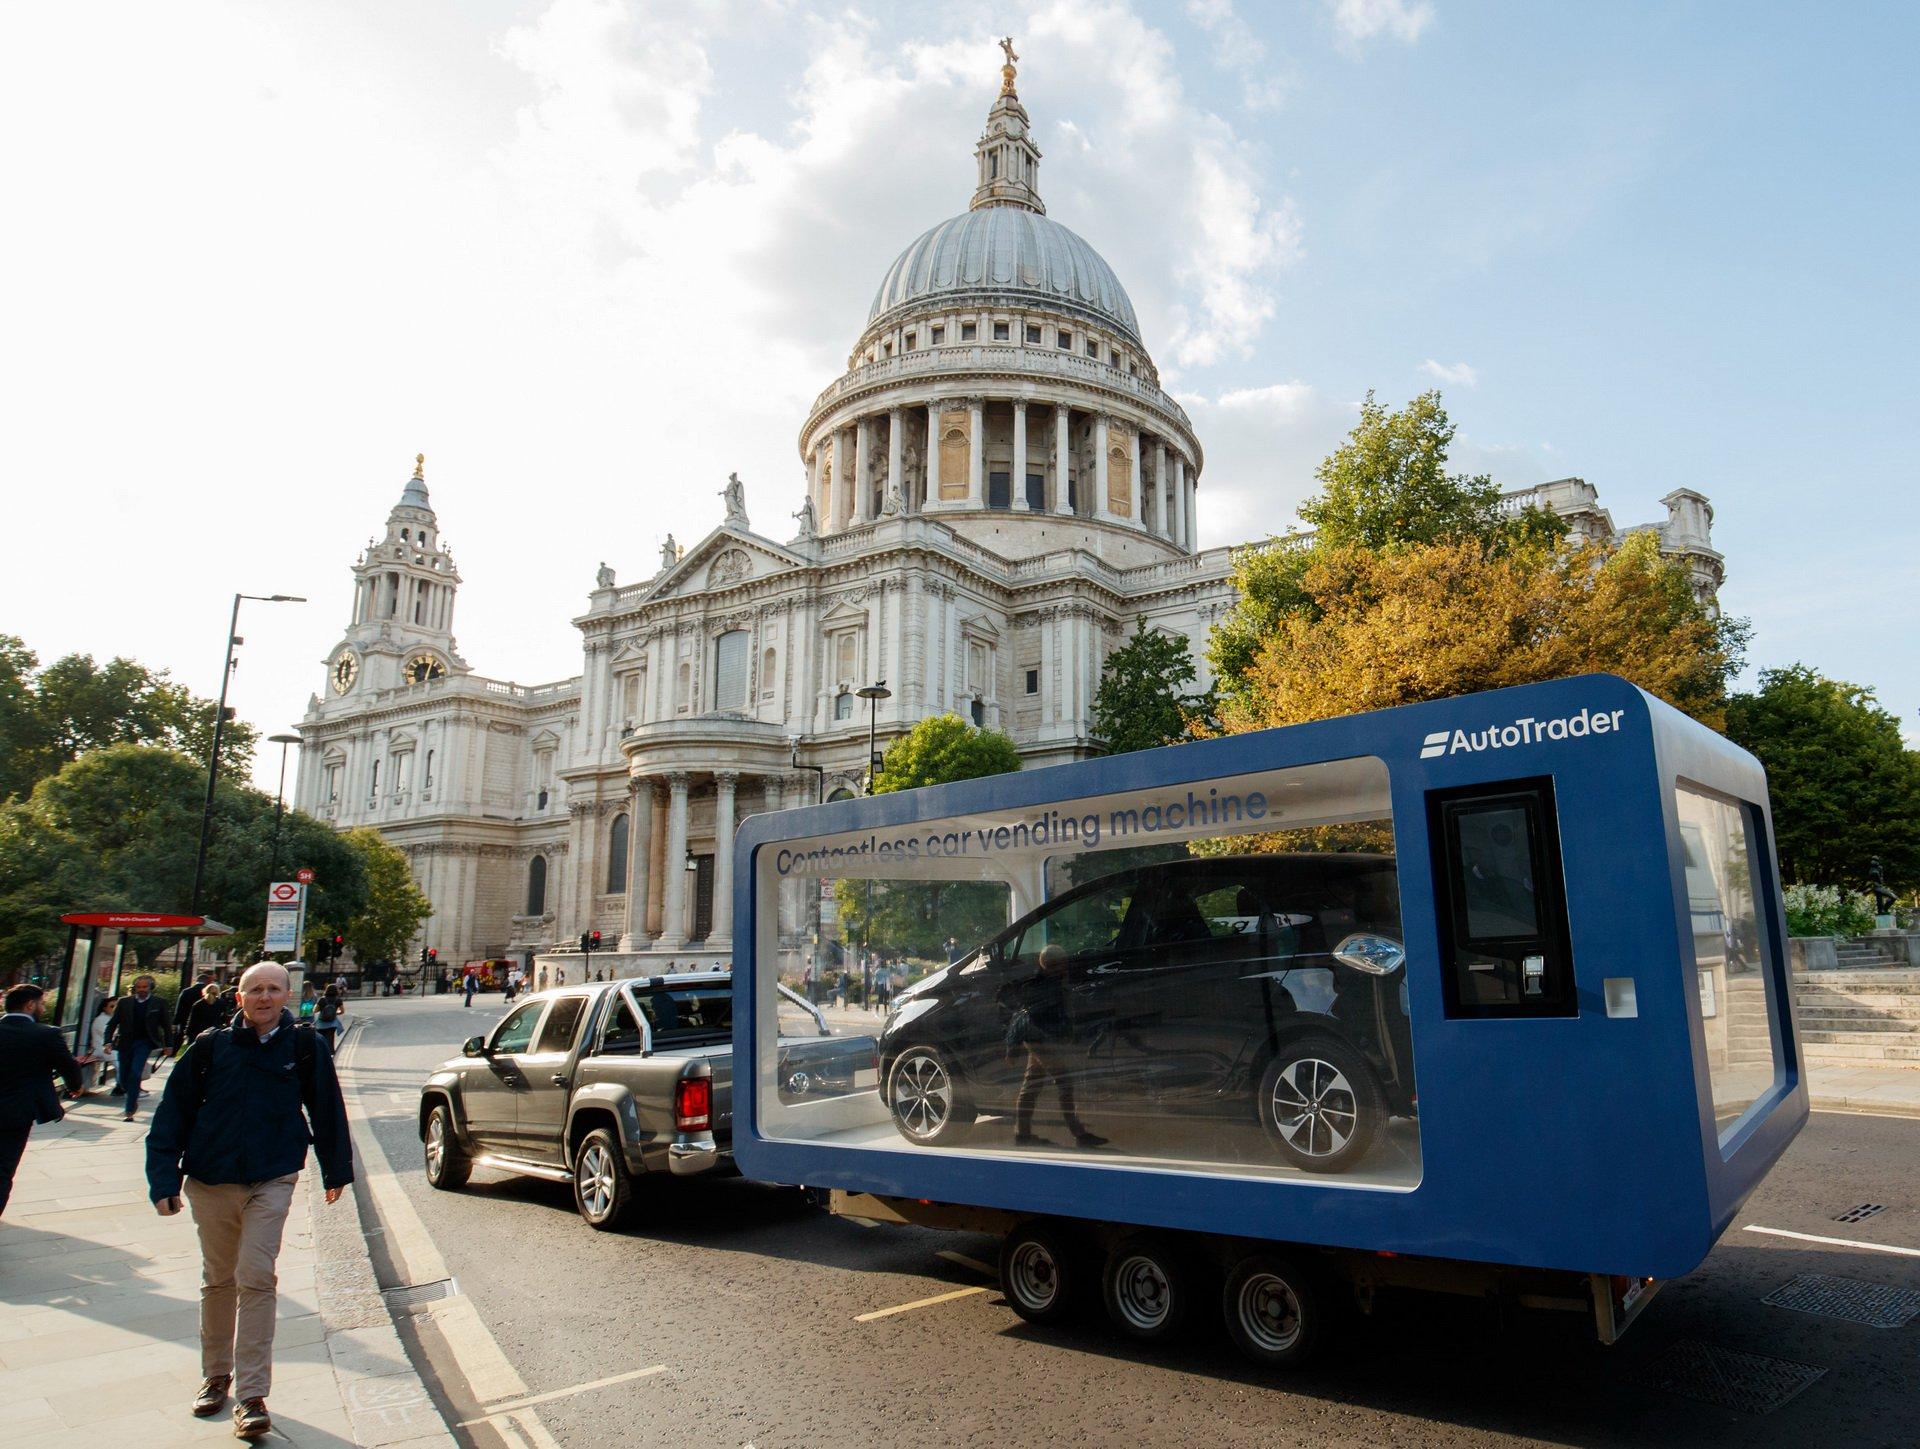 На одной из улиц британского Лондона появился необычный аппарат по продаже машин. Совершить покупку не сложнее чем пробить банку газиро